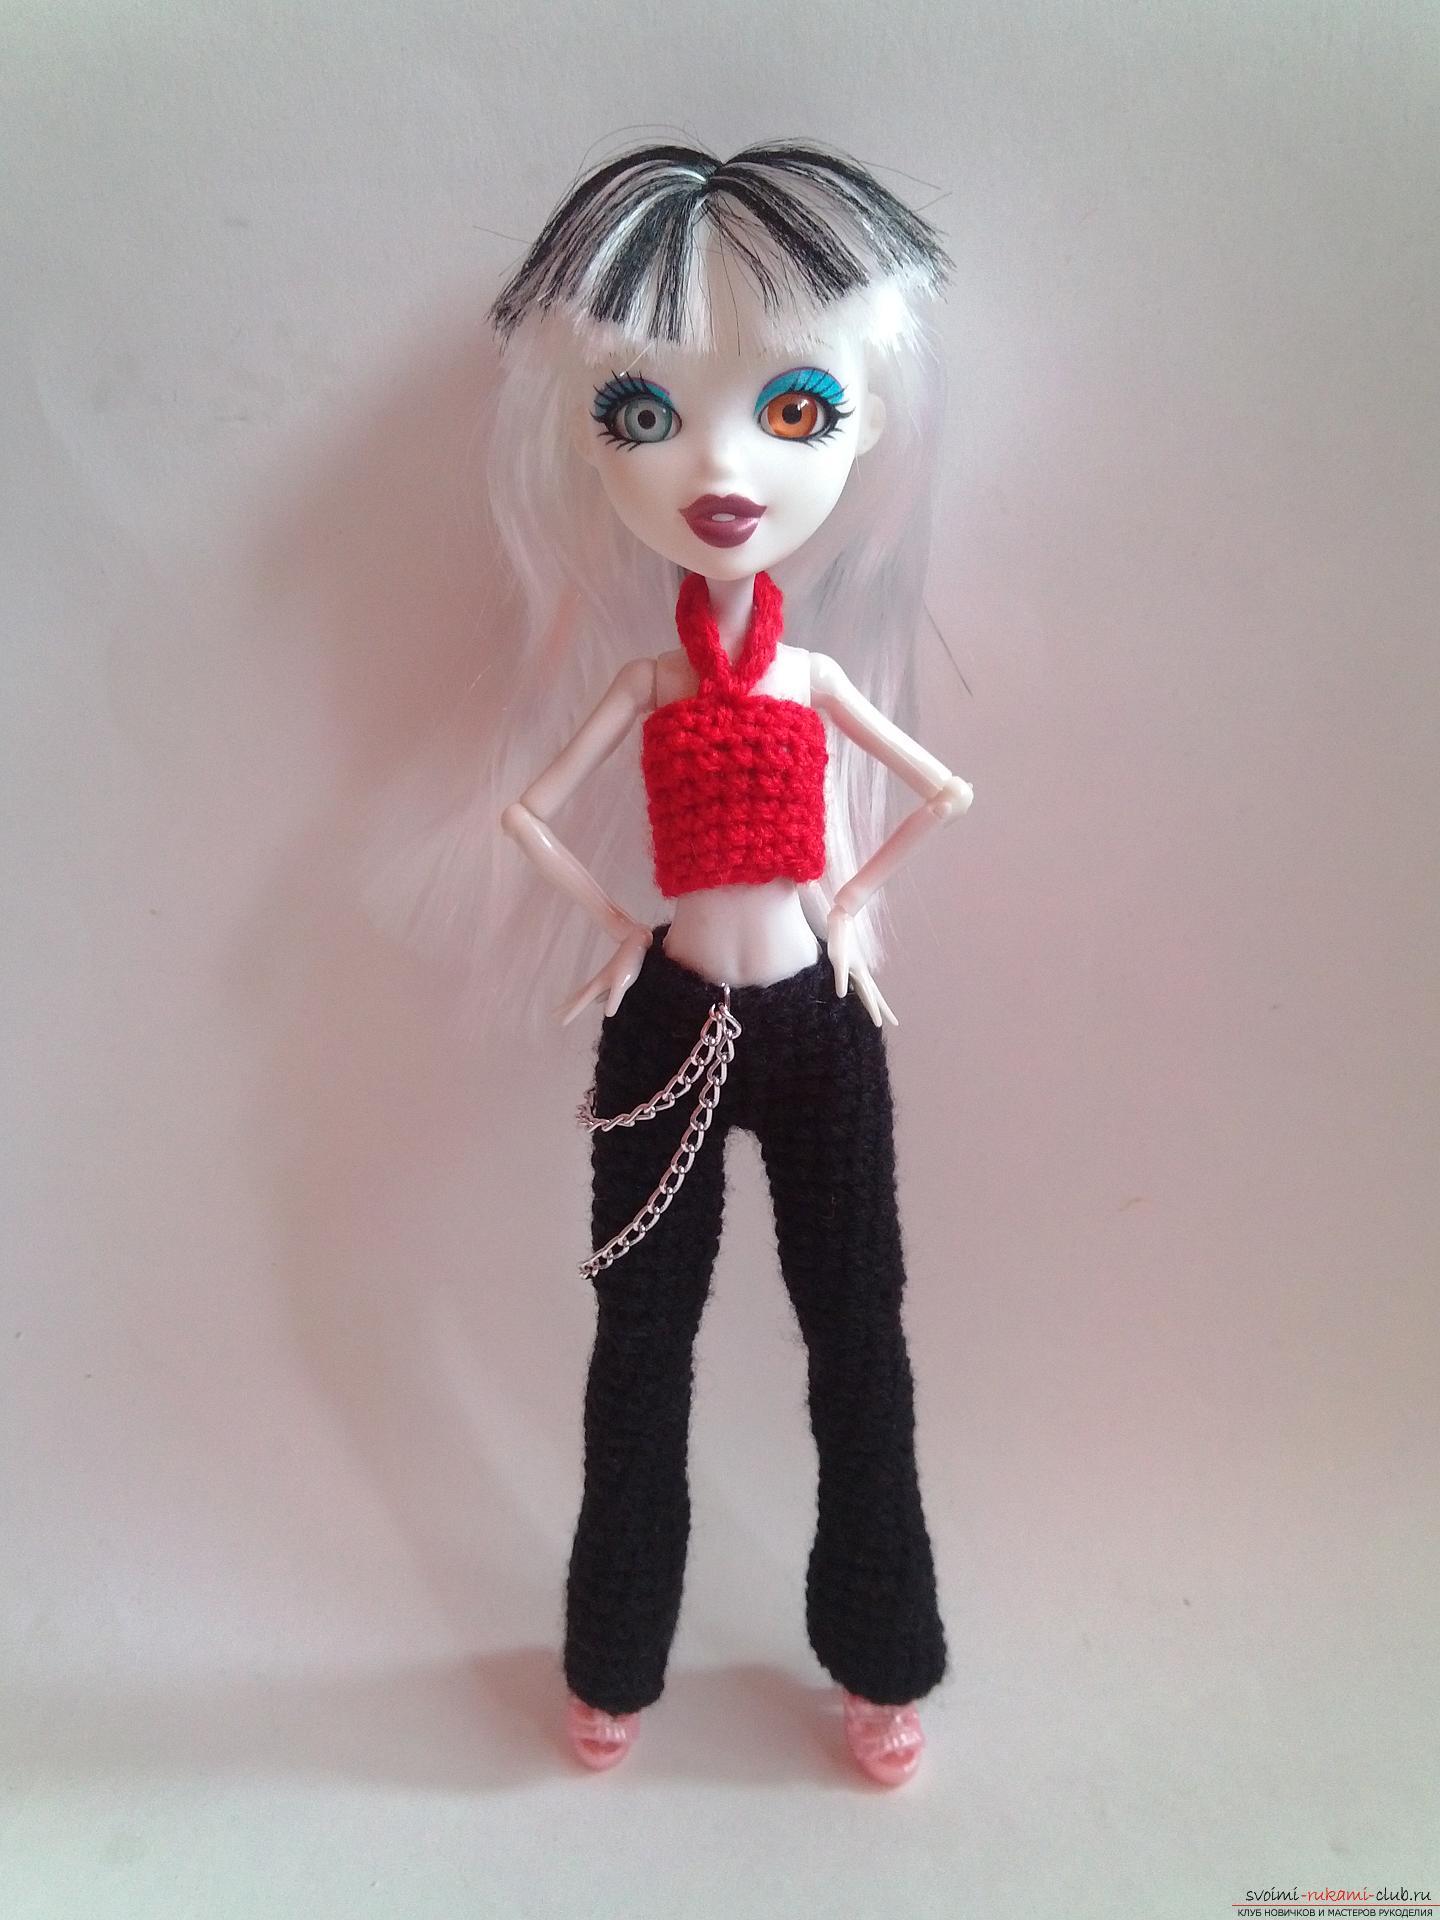 Вязание крючком по нашему мастер-классу поможет связать одежду для кукол Монстер Хай – брюки и топ.. Фото №1